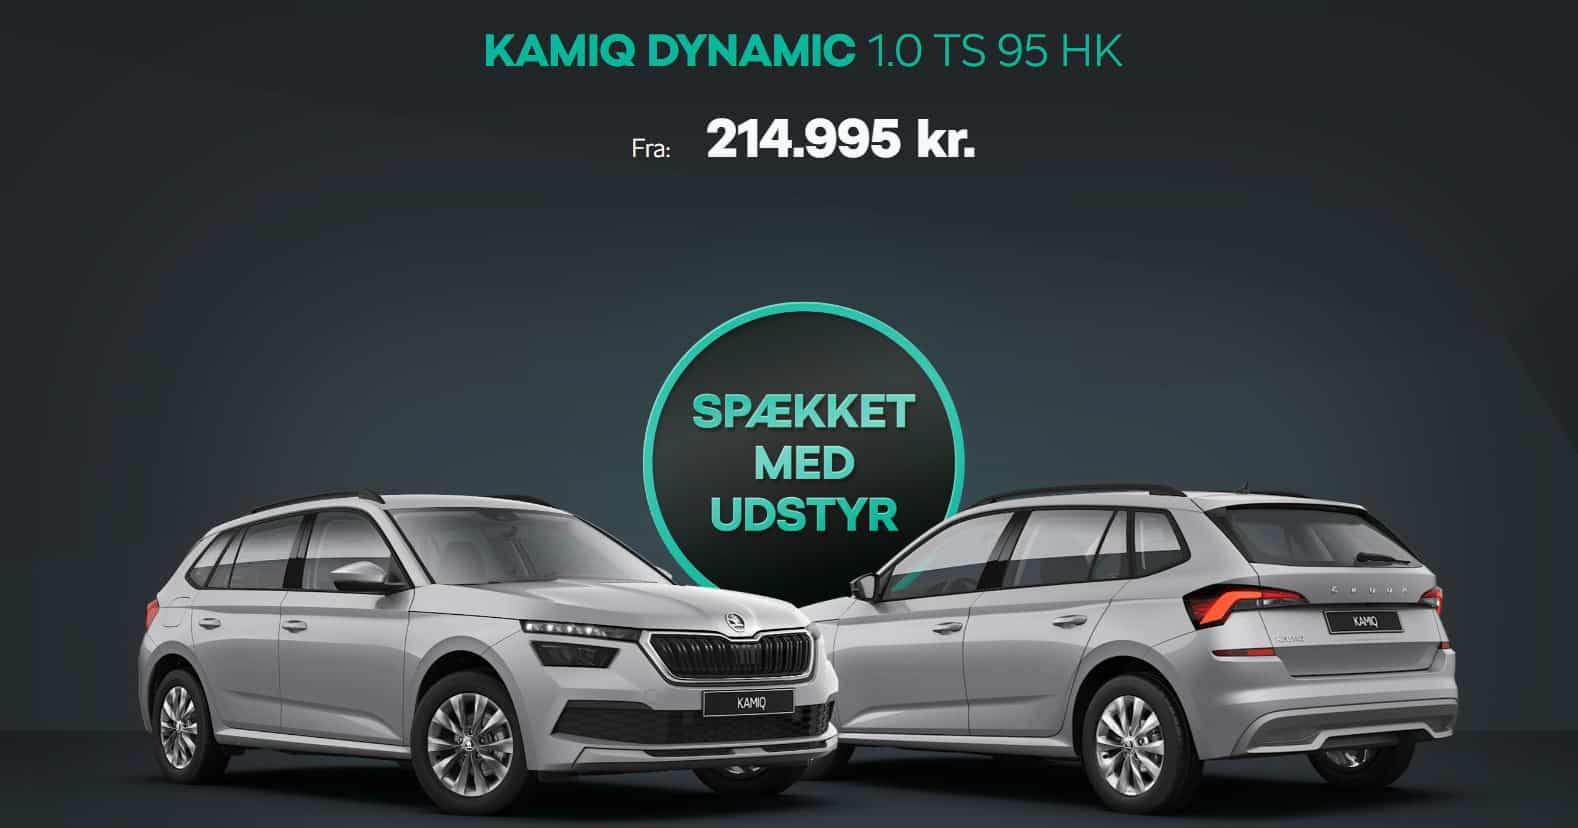 Kamiq dynamic